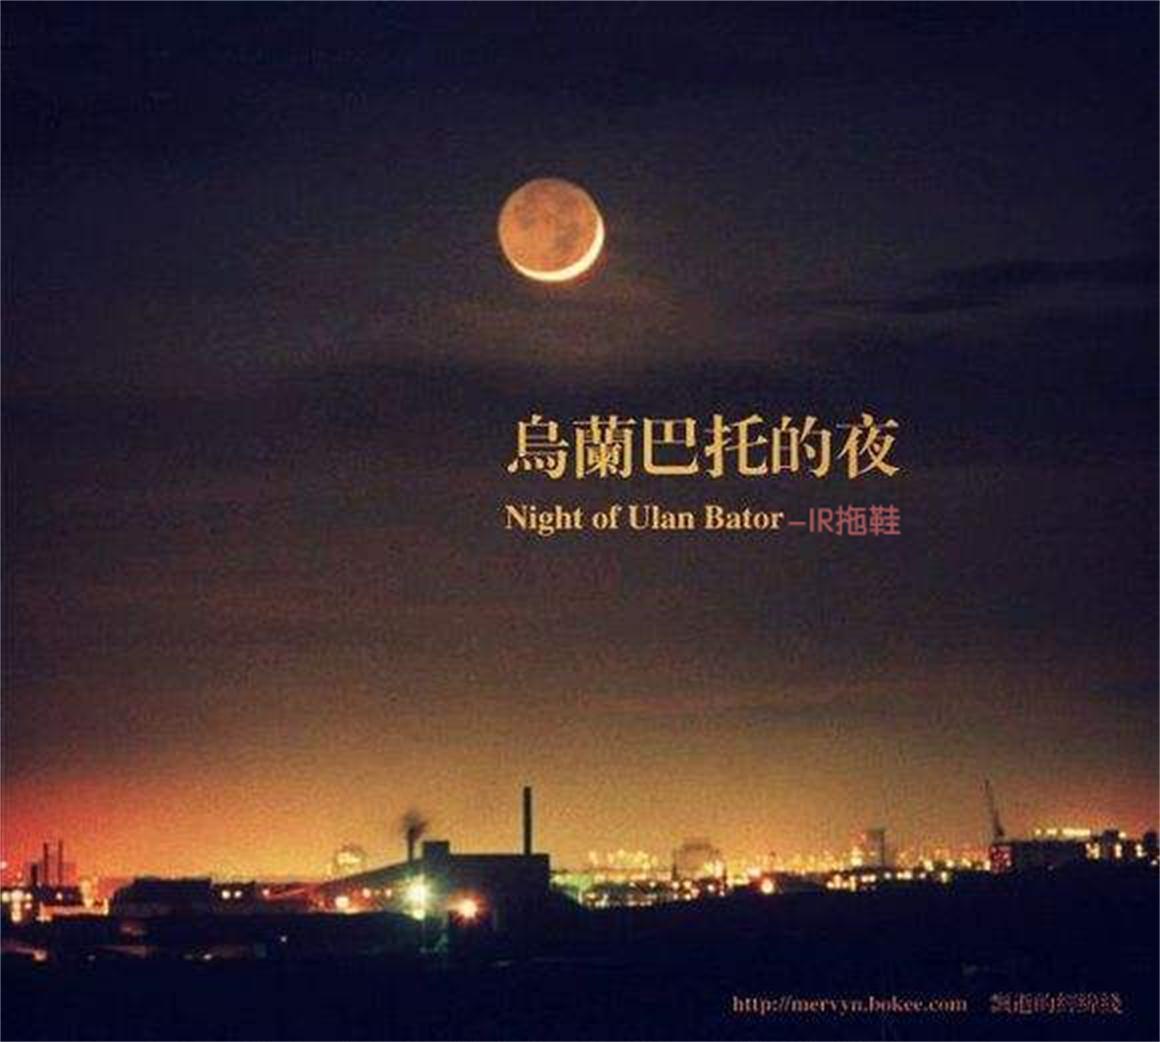 乌兰巴托的夜(cover02蒋敦豪)